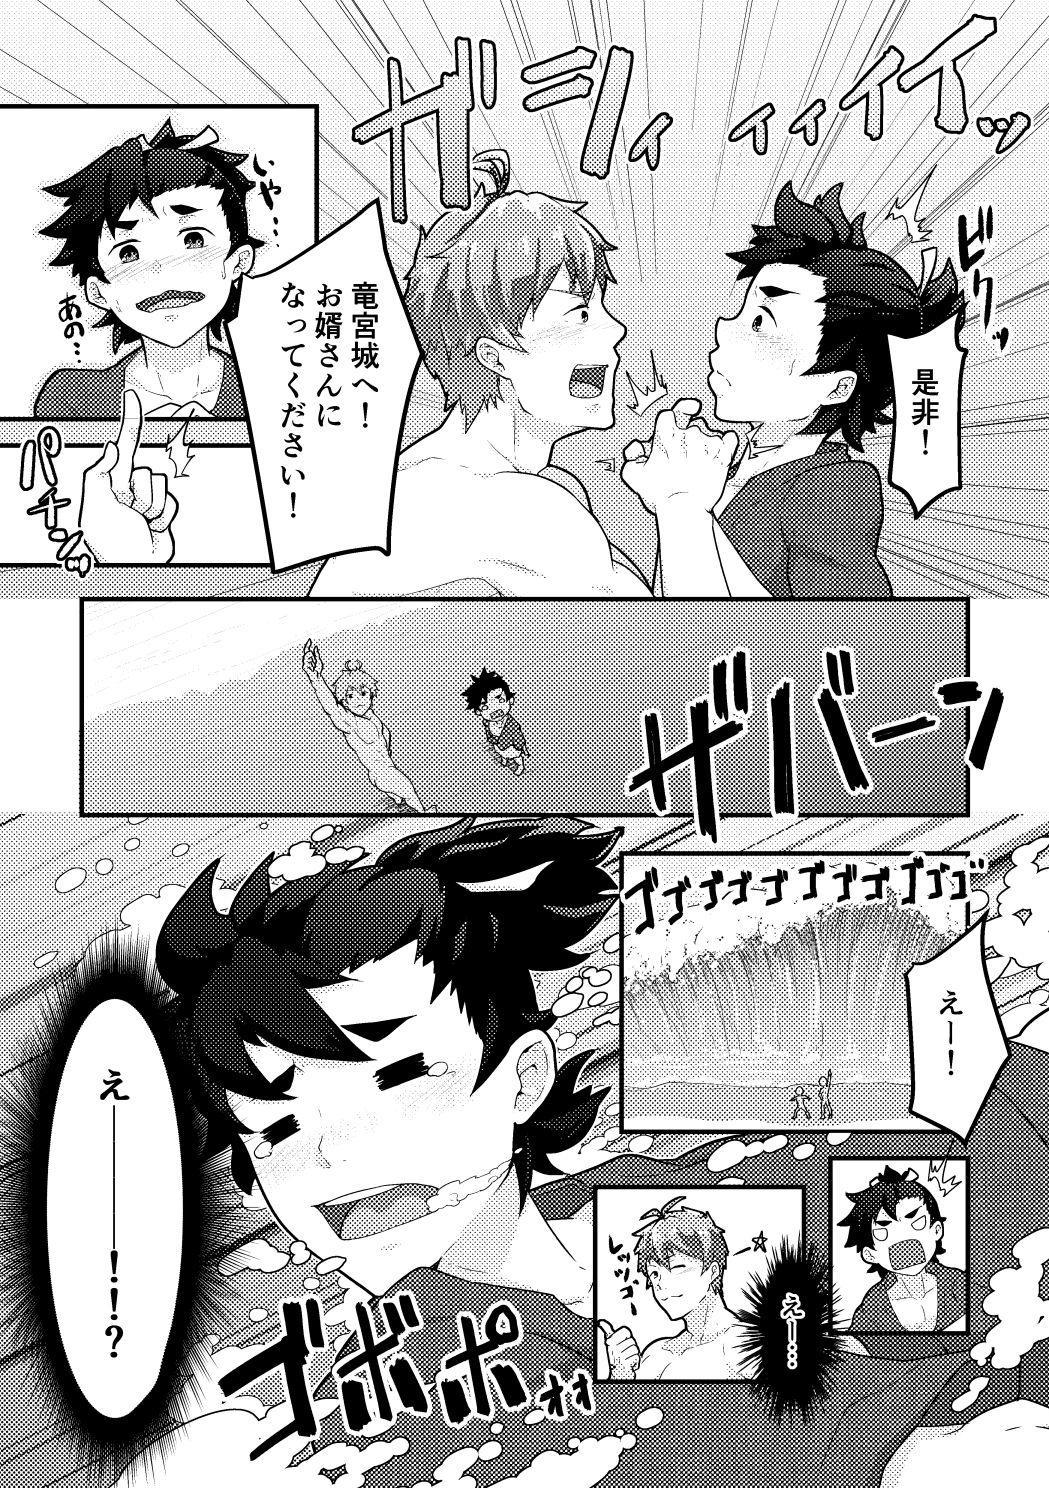 Urashimatarou 4